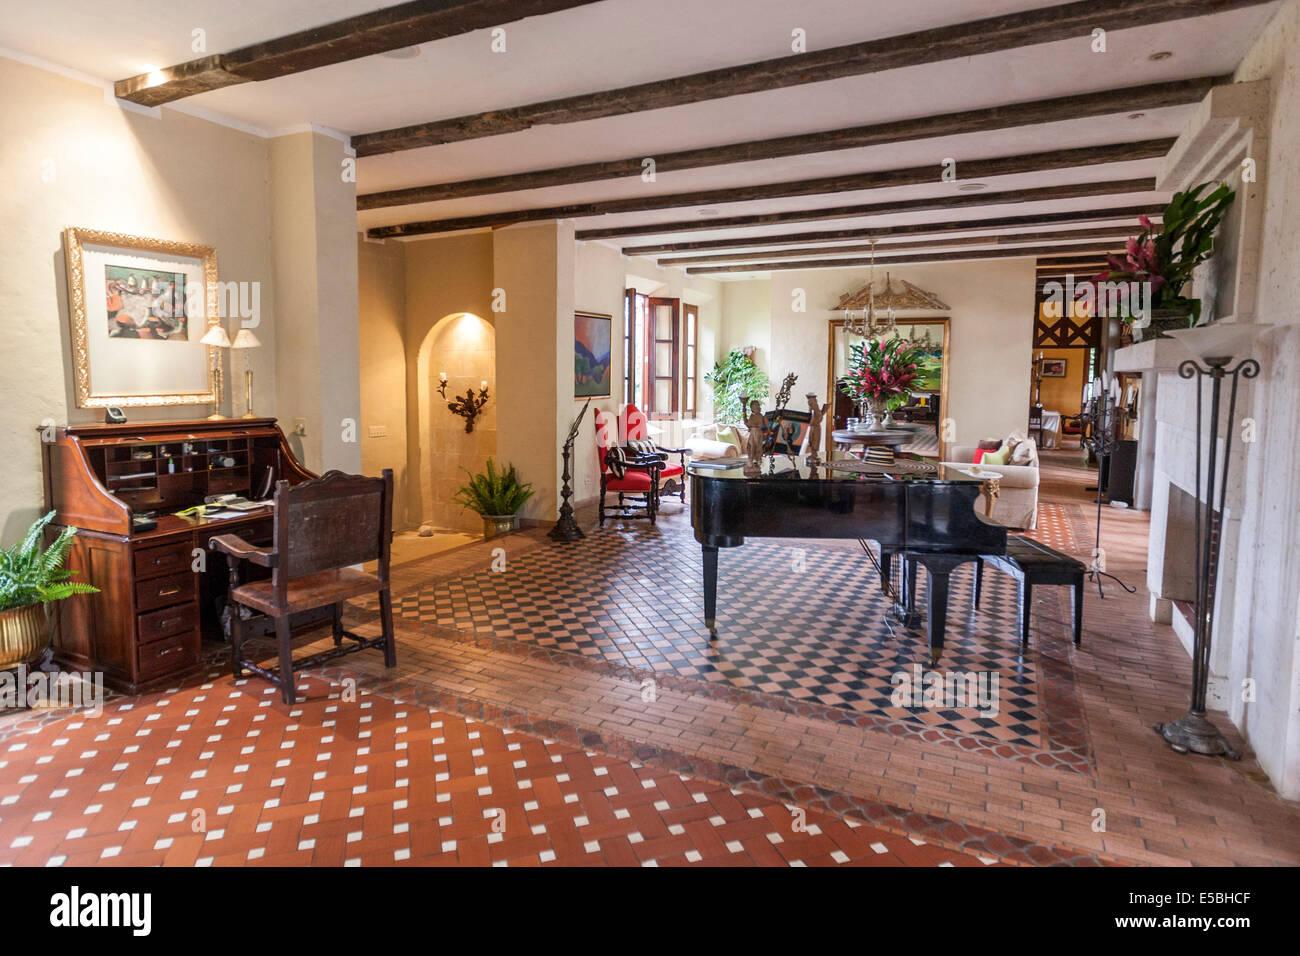 Living room of la casa de lourdes el valle de anton stock photo royalty free image 72169903 - Casa de lourdes ...